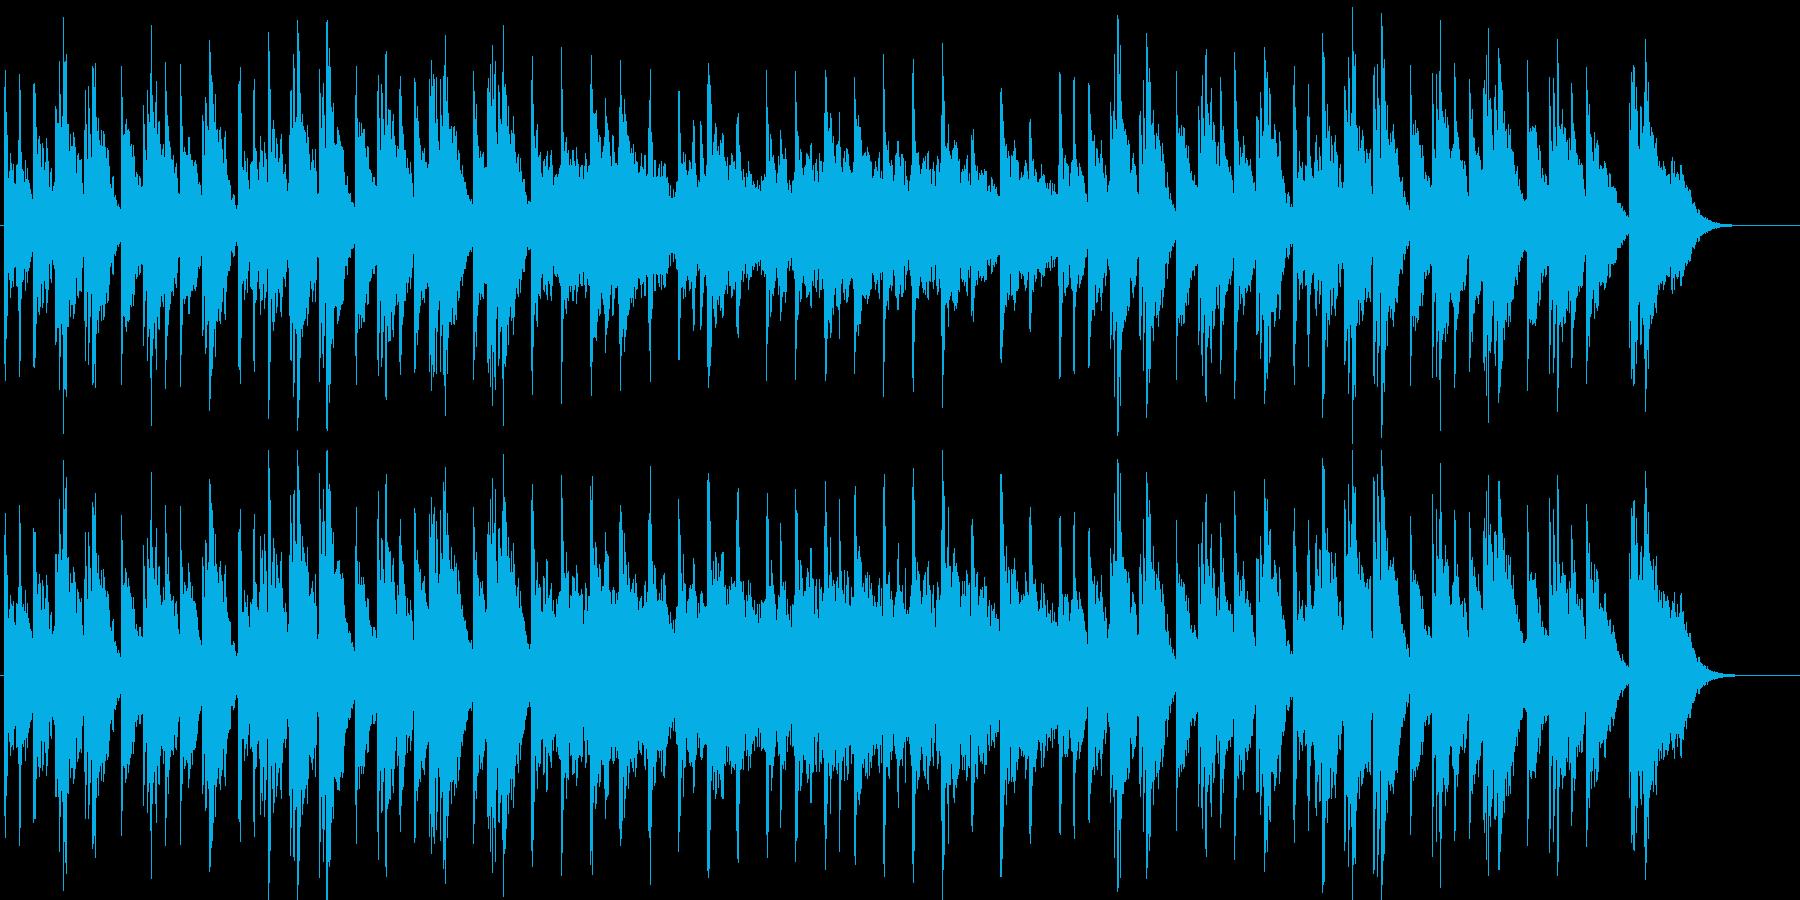 幻想的で悲しいピアノ曲の再生済みの波形